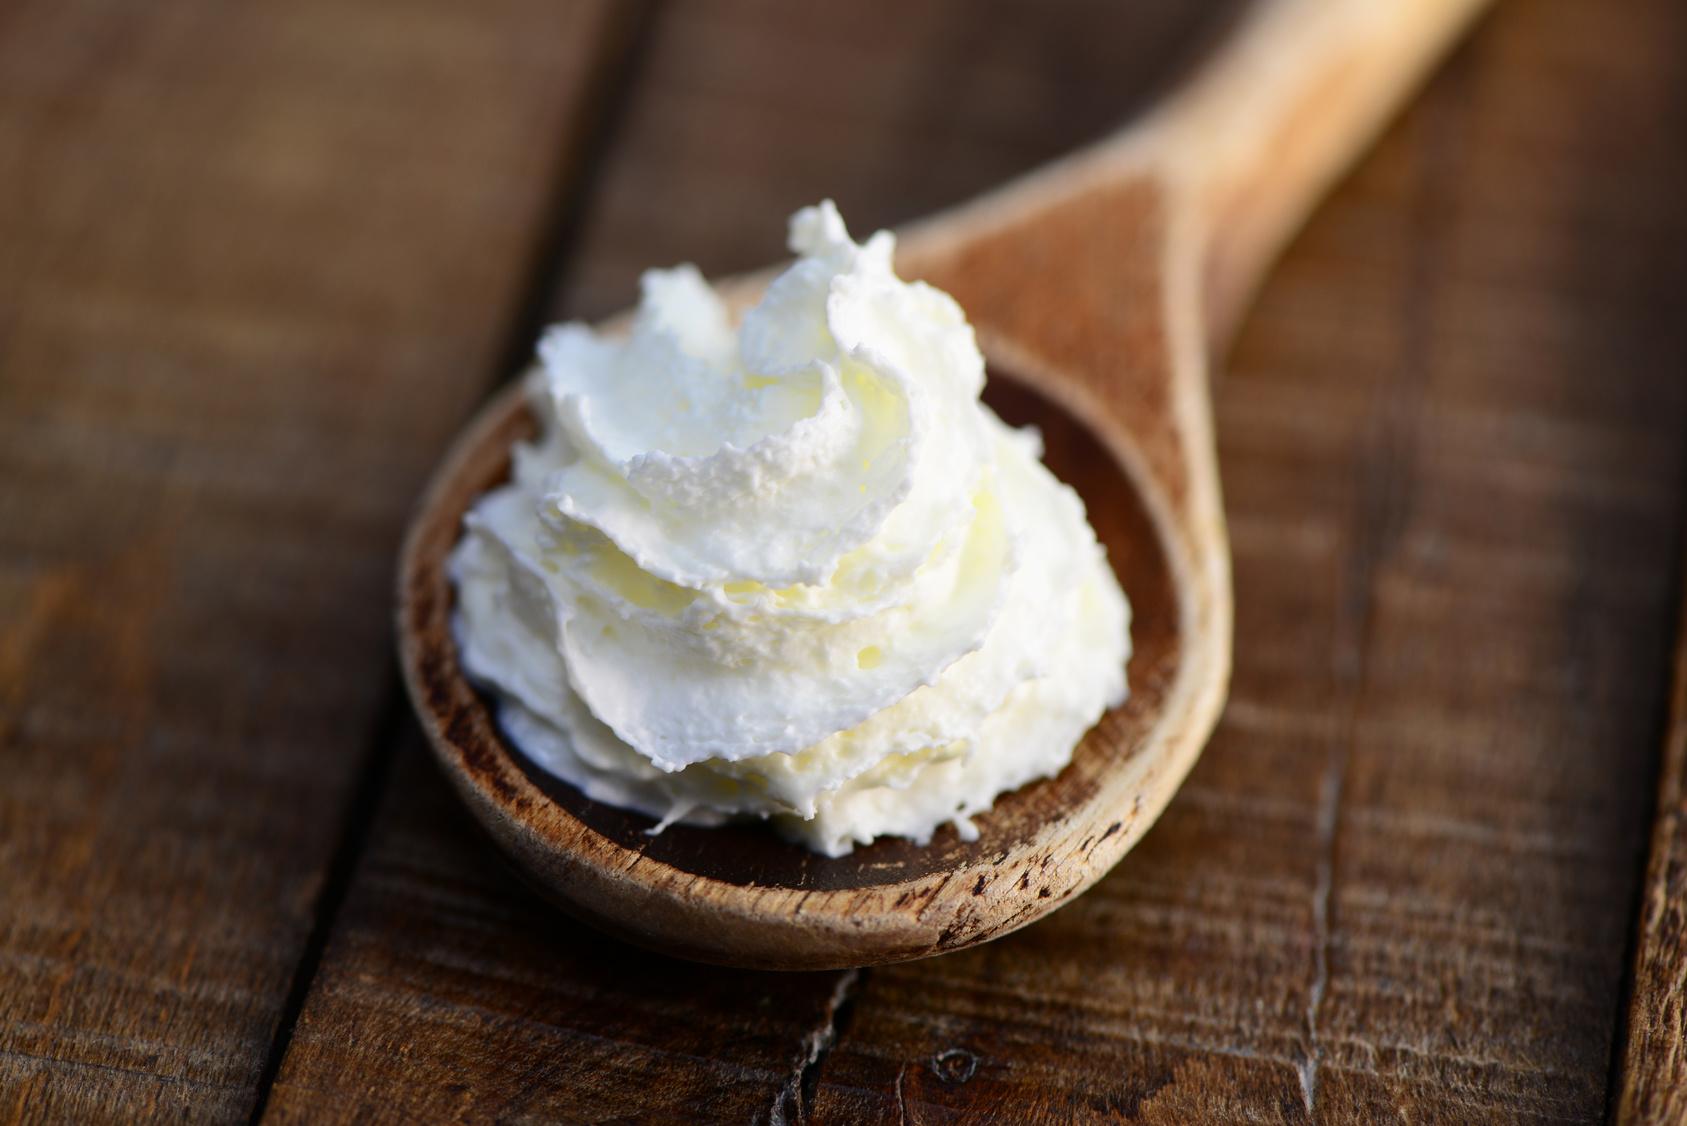 Comment faire de la crème fouettée maison ?